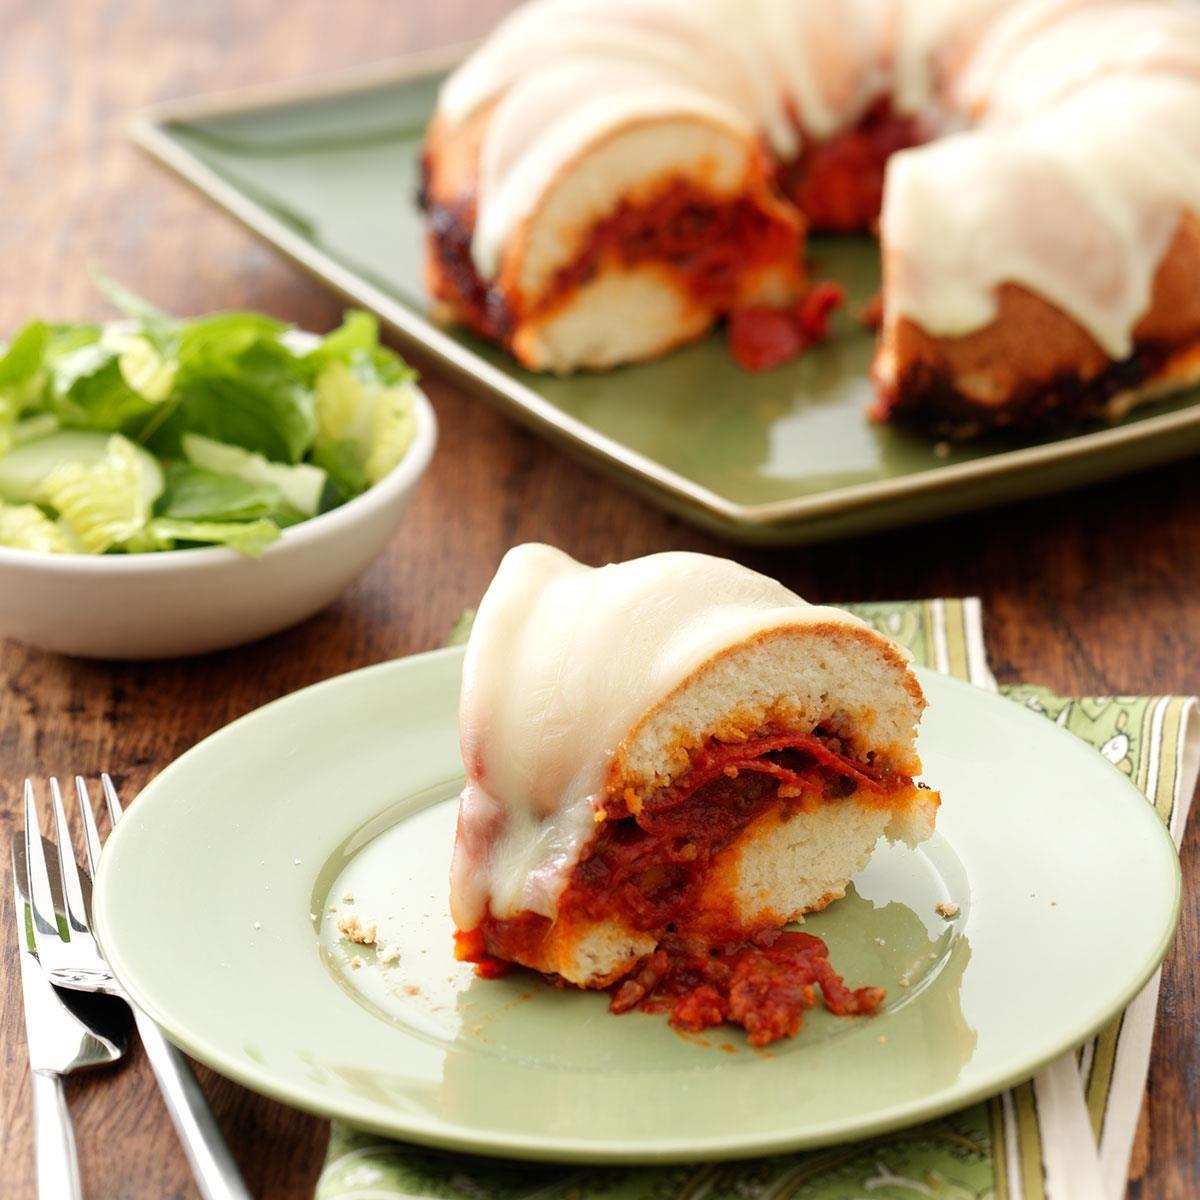 Taste Of Home Best Carrot Cake Recipe